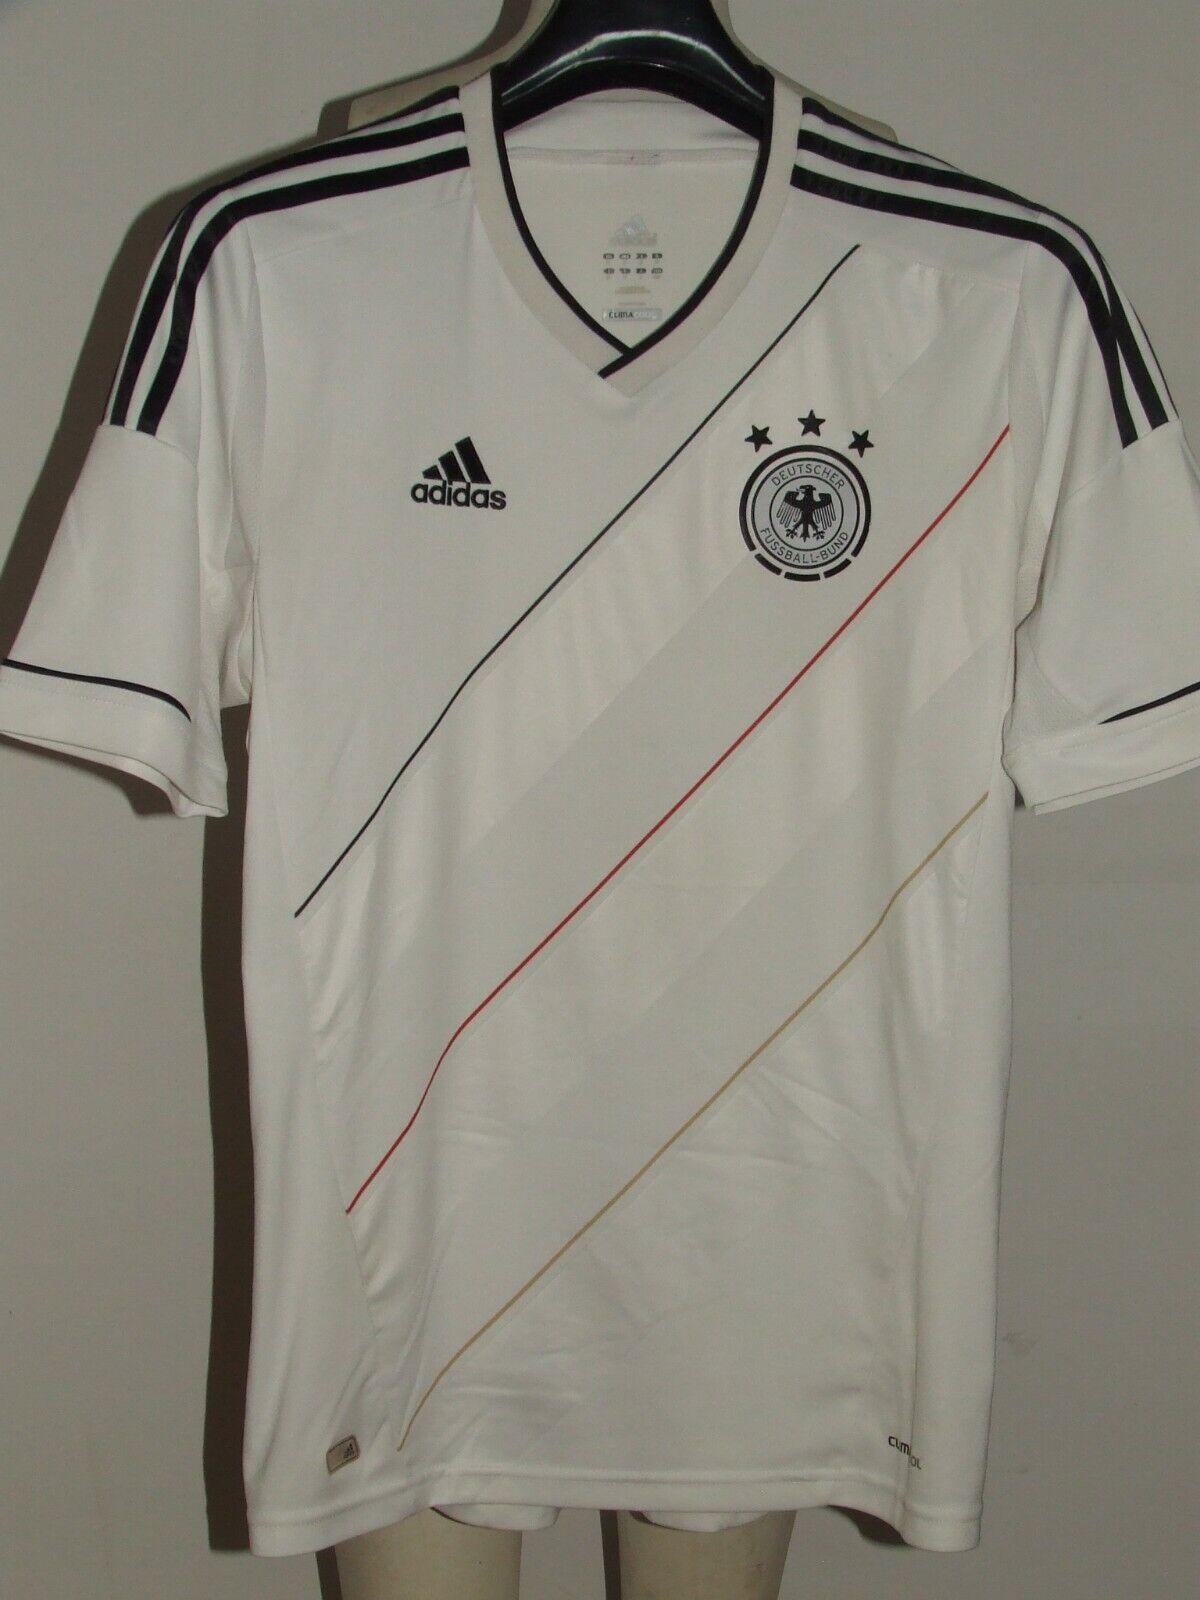 Soccer Jersey Trikot Camiseta Maillot Sport Germany Germany Size M